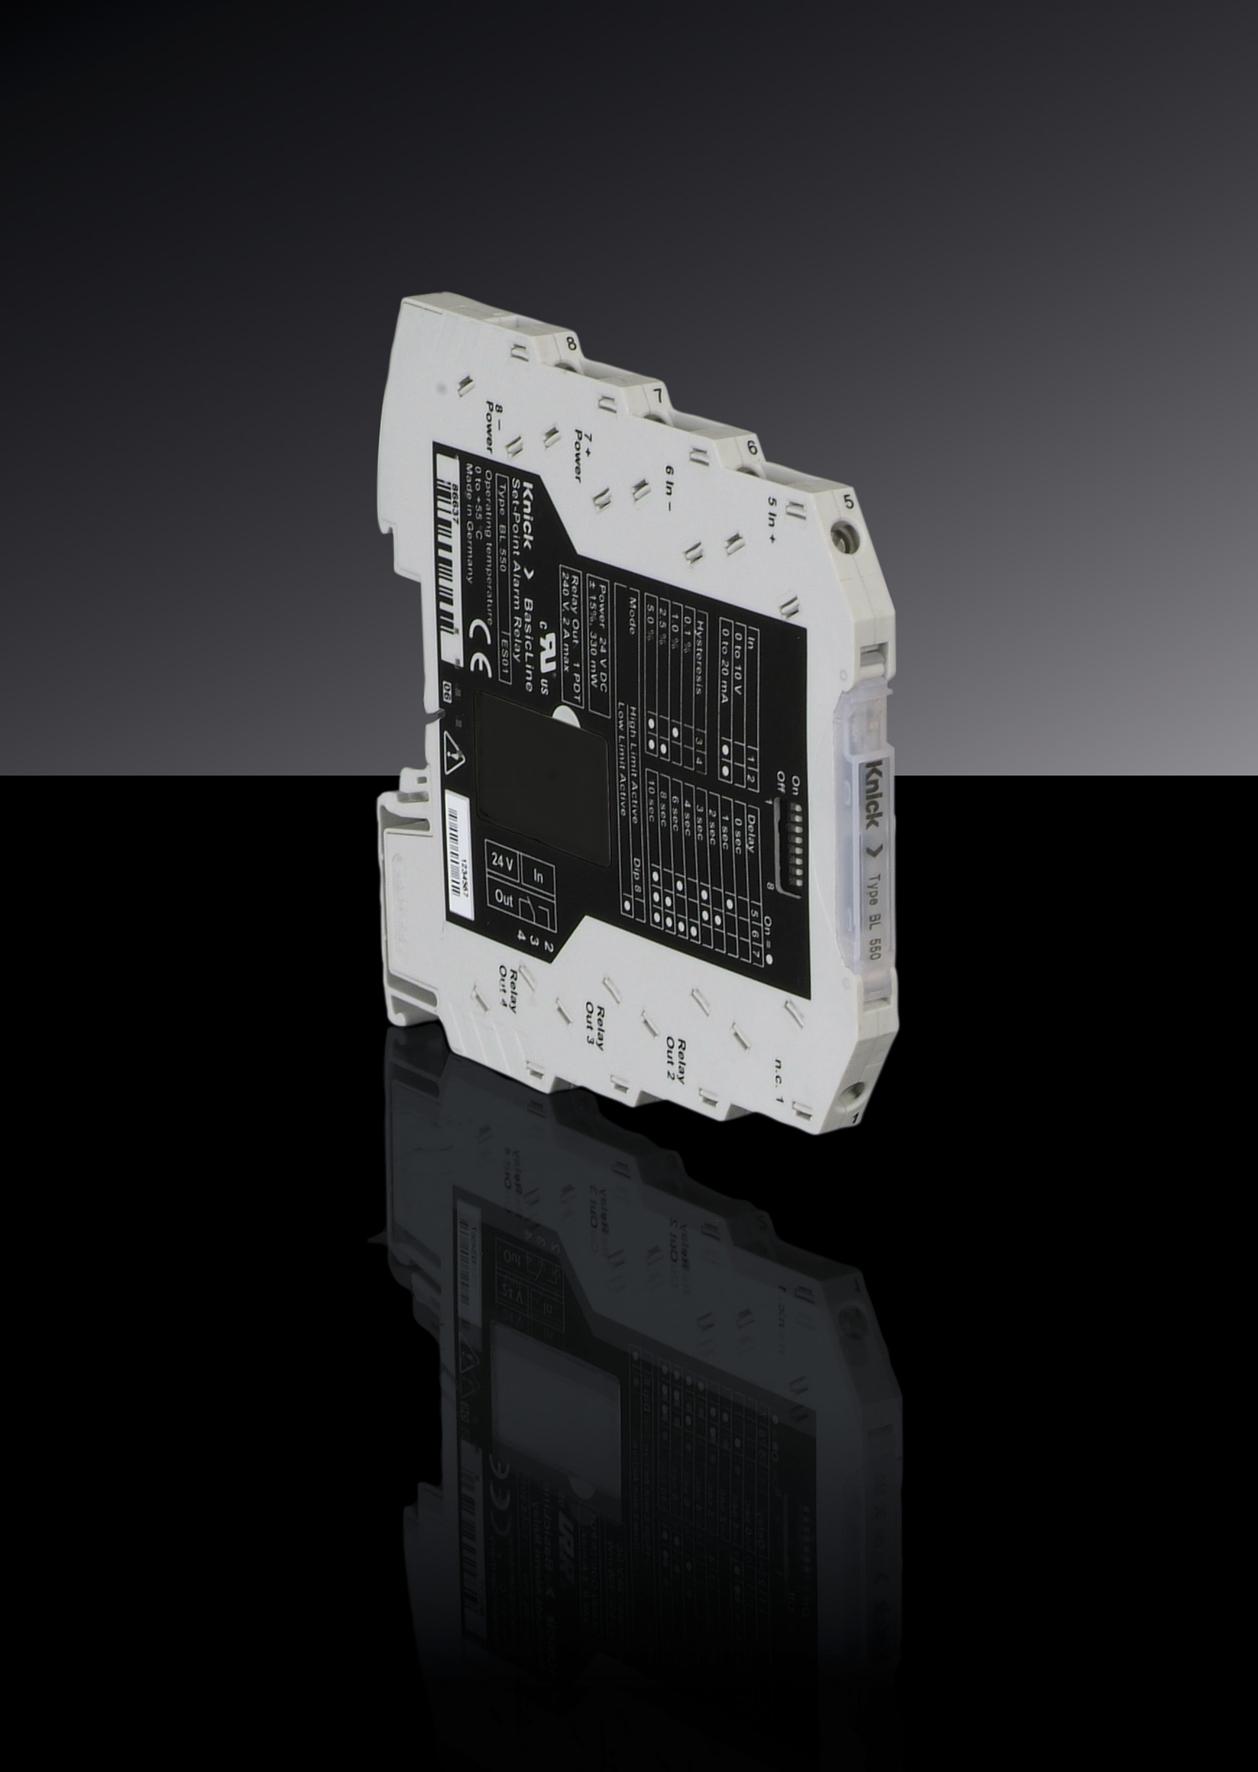 Hochkompakter Grenzwertschalter BL 550 von Knick mit Relais-Wechsler-Ausgang